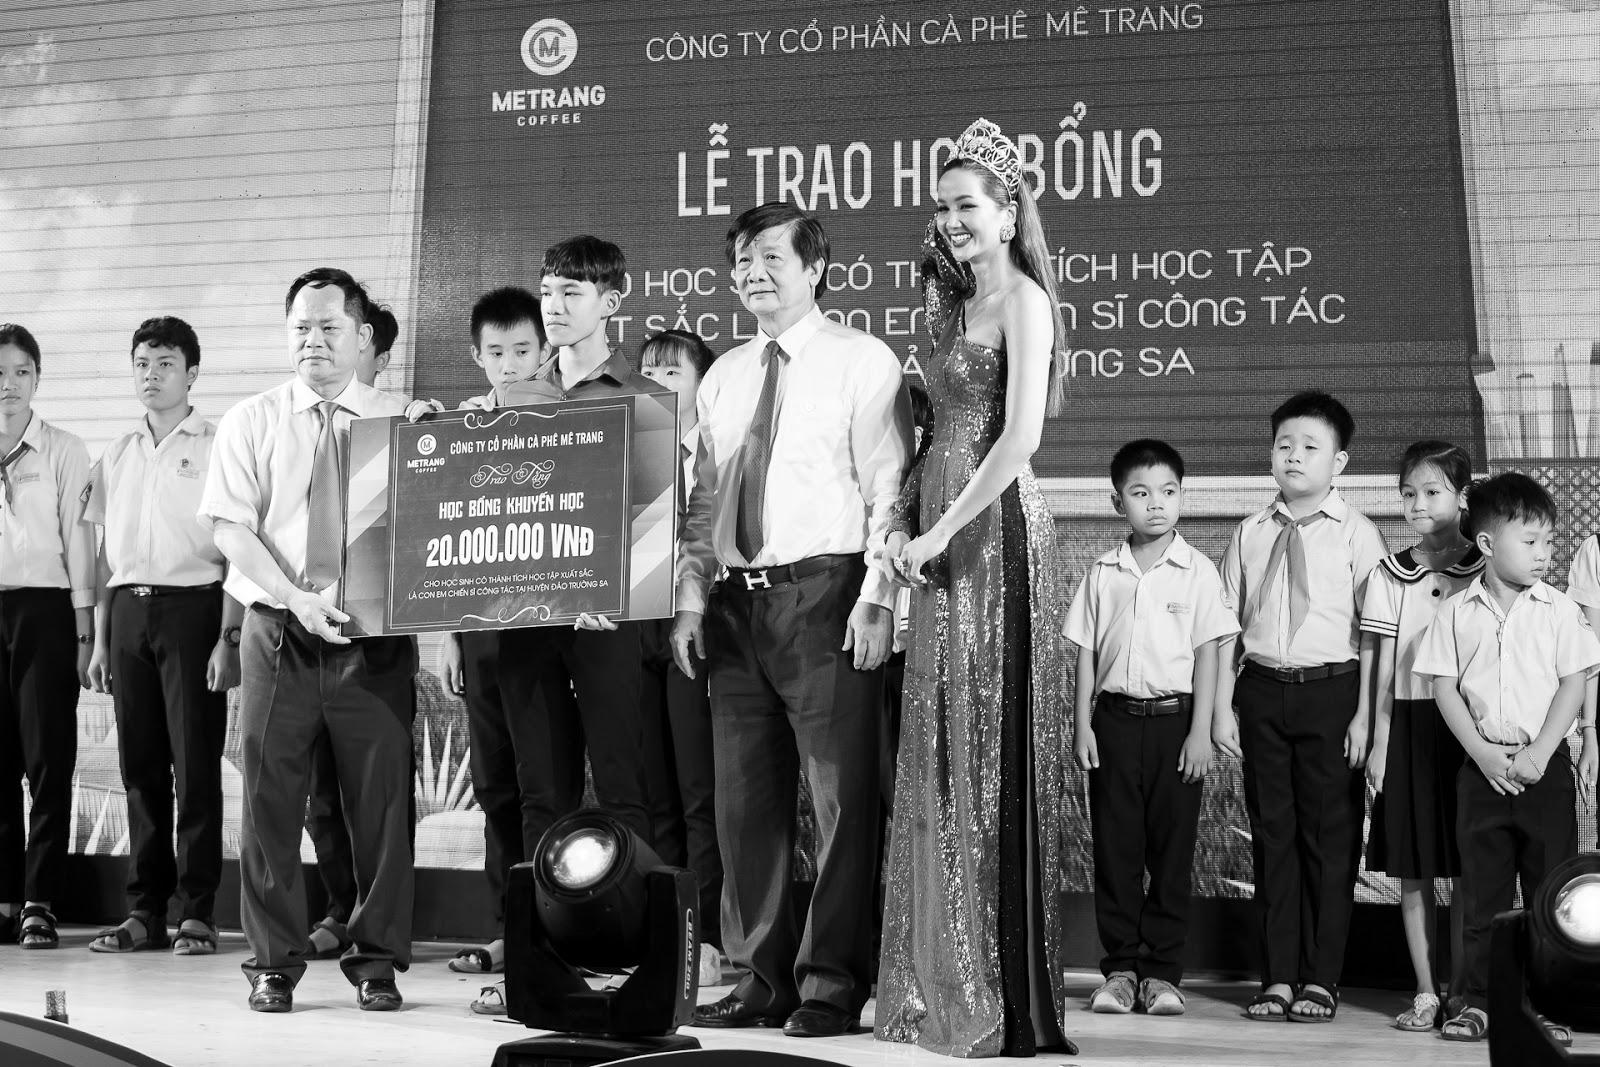 H'Hen Niê nối tóc dài, đội vương miện được chào đón như nữ hoàng tại Nha Trang - Hình 8